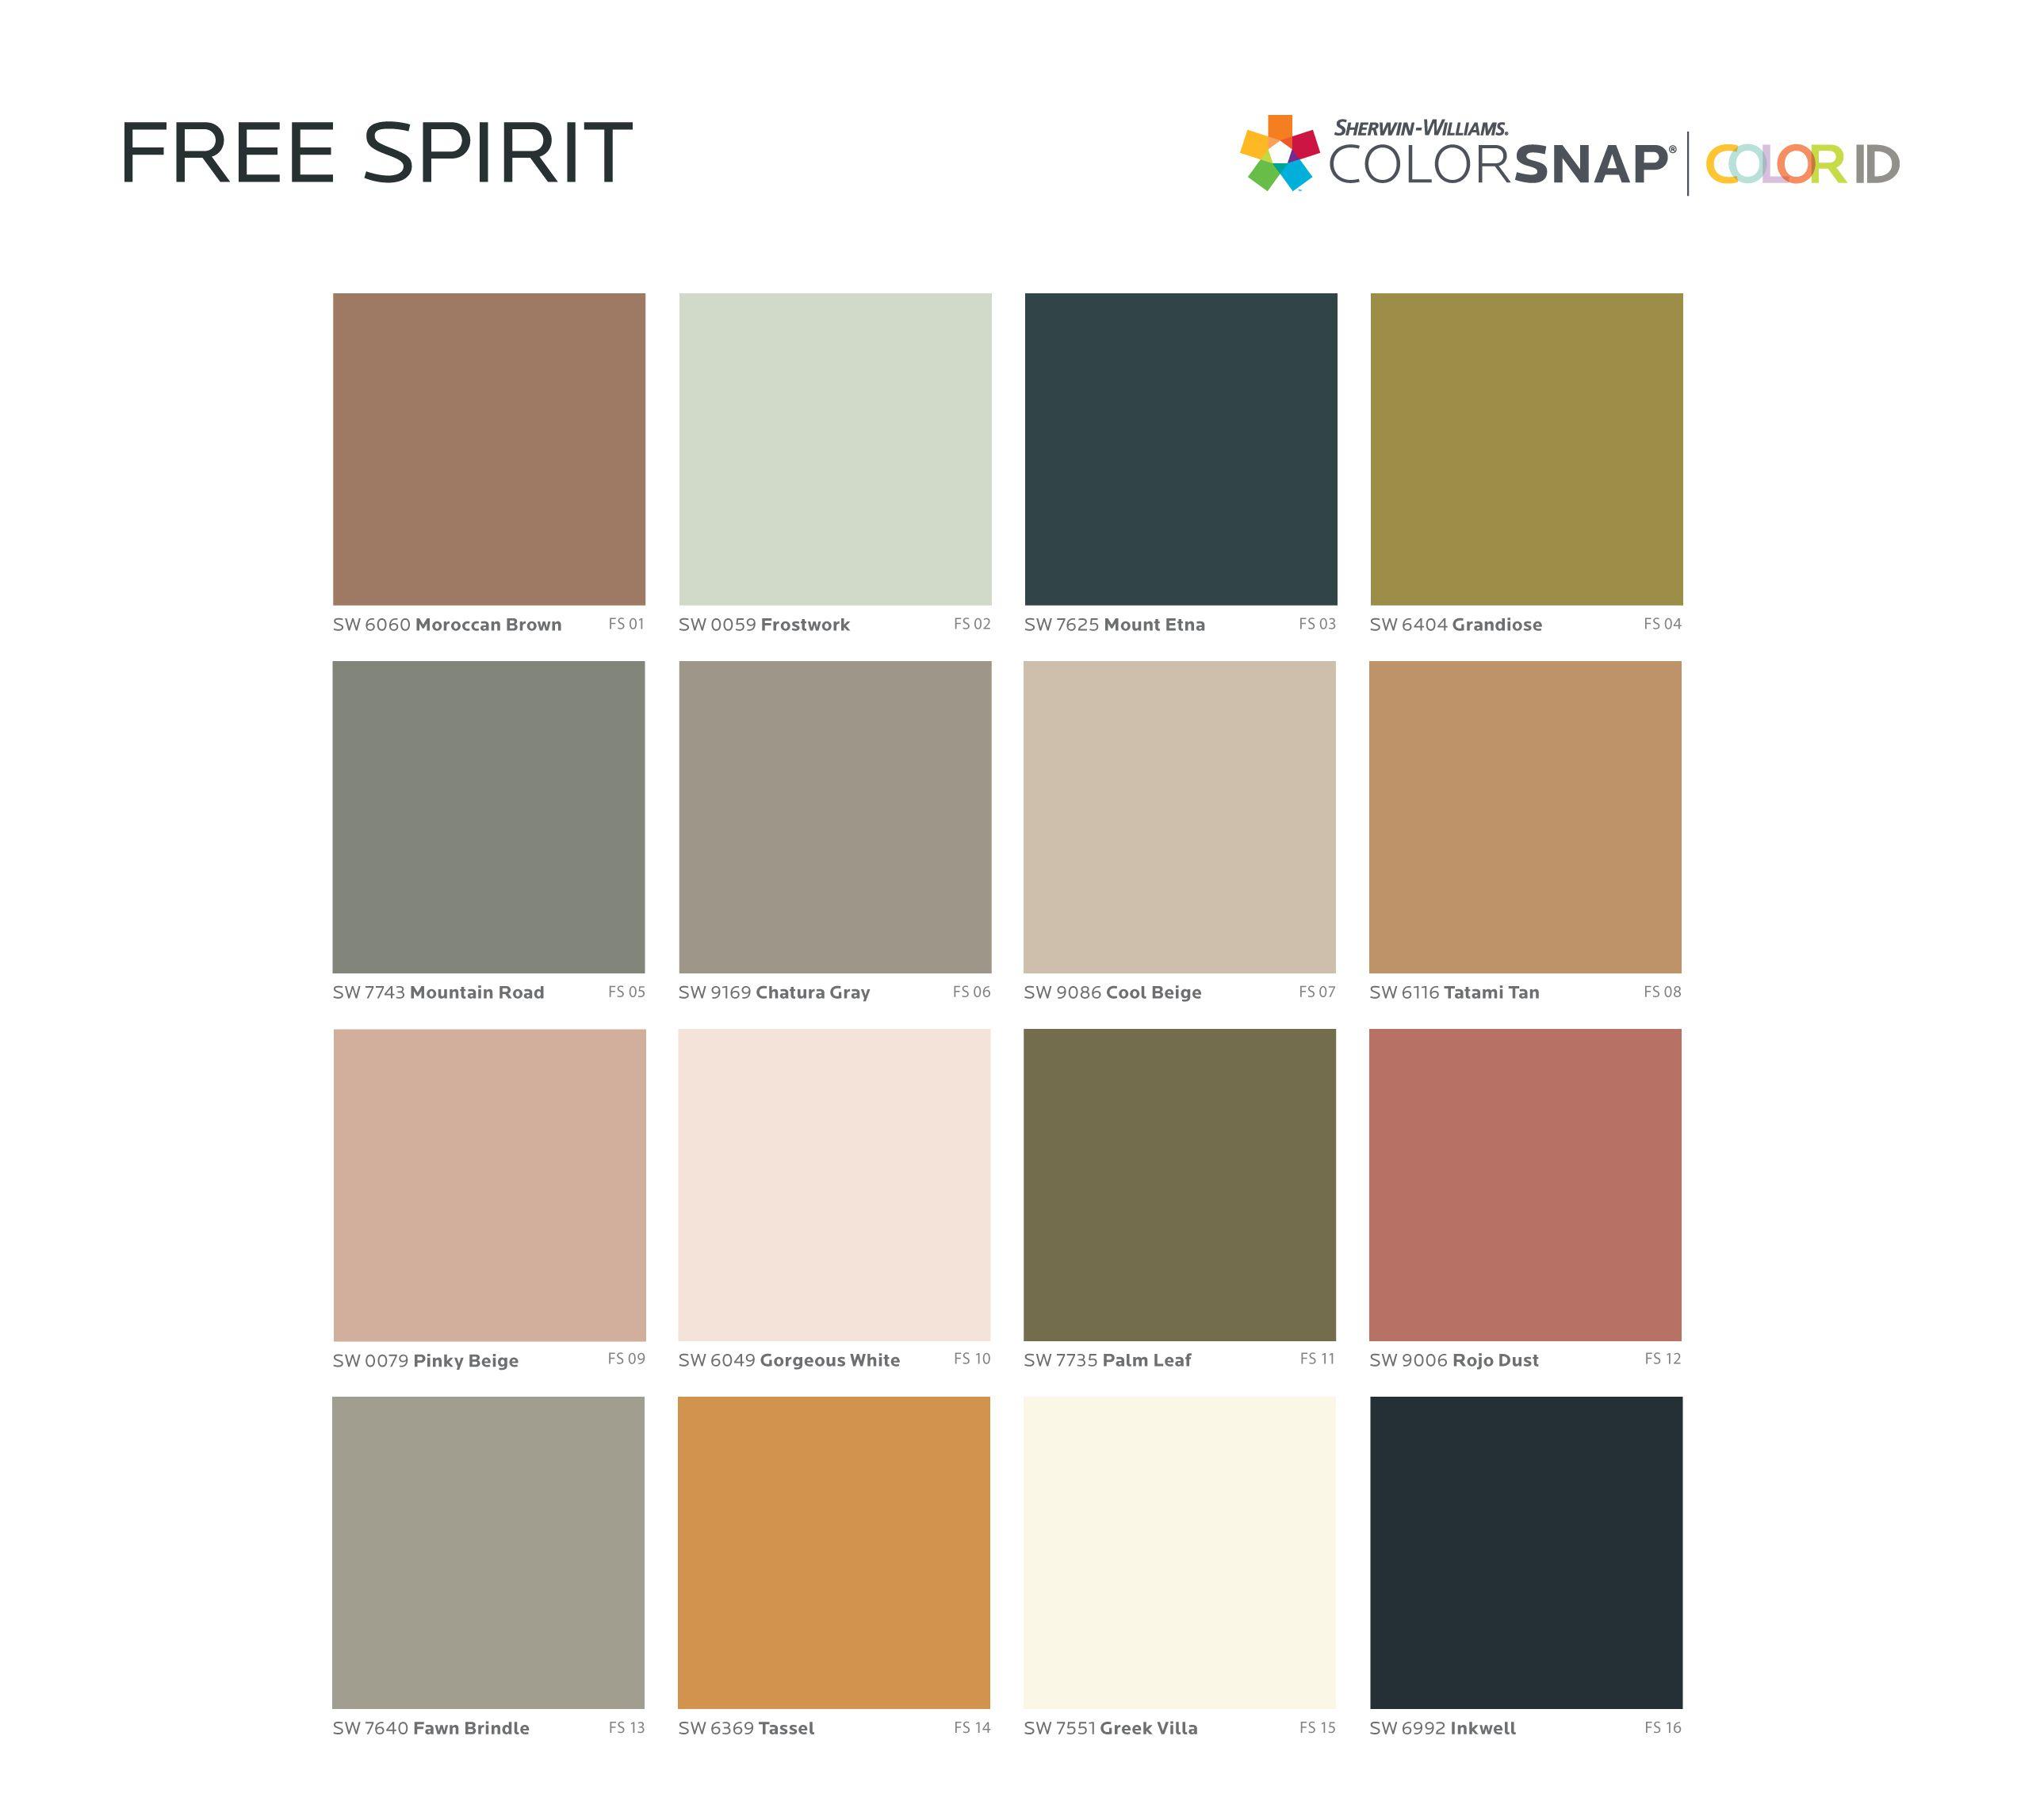 Free Spirit paint color palette